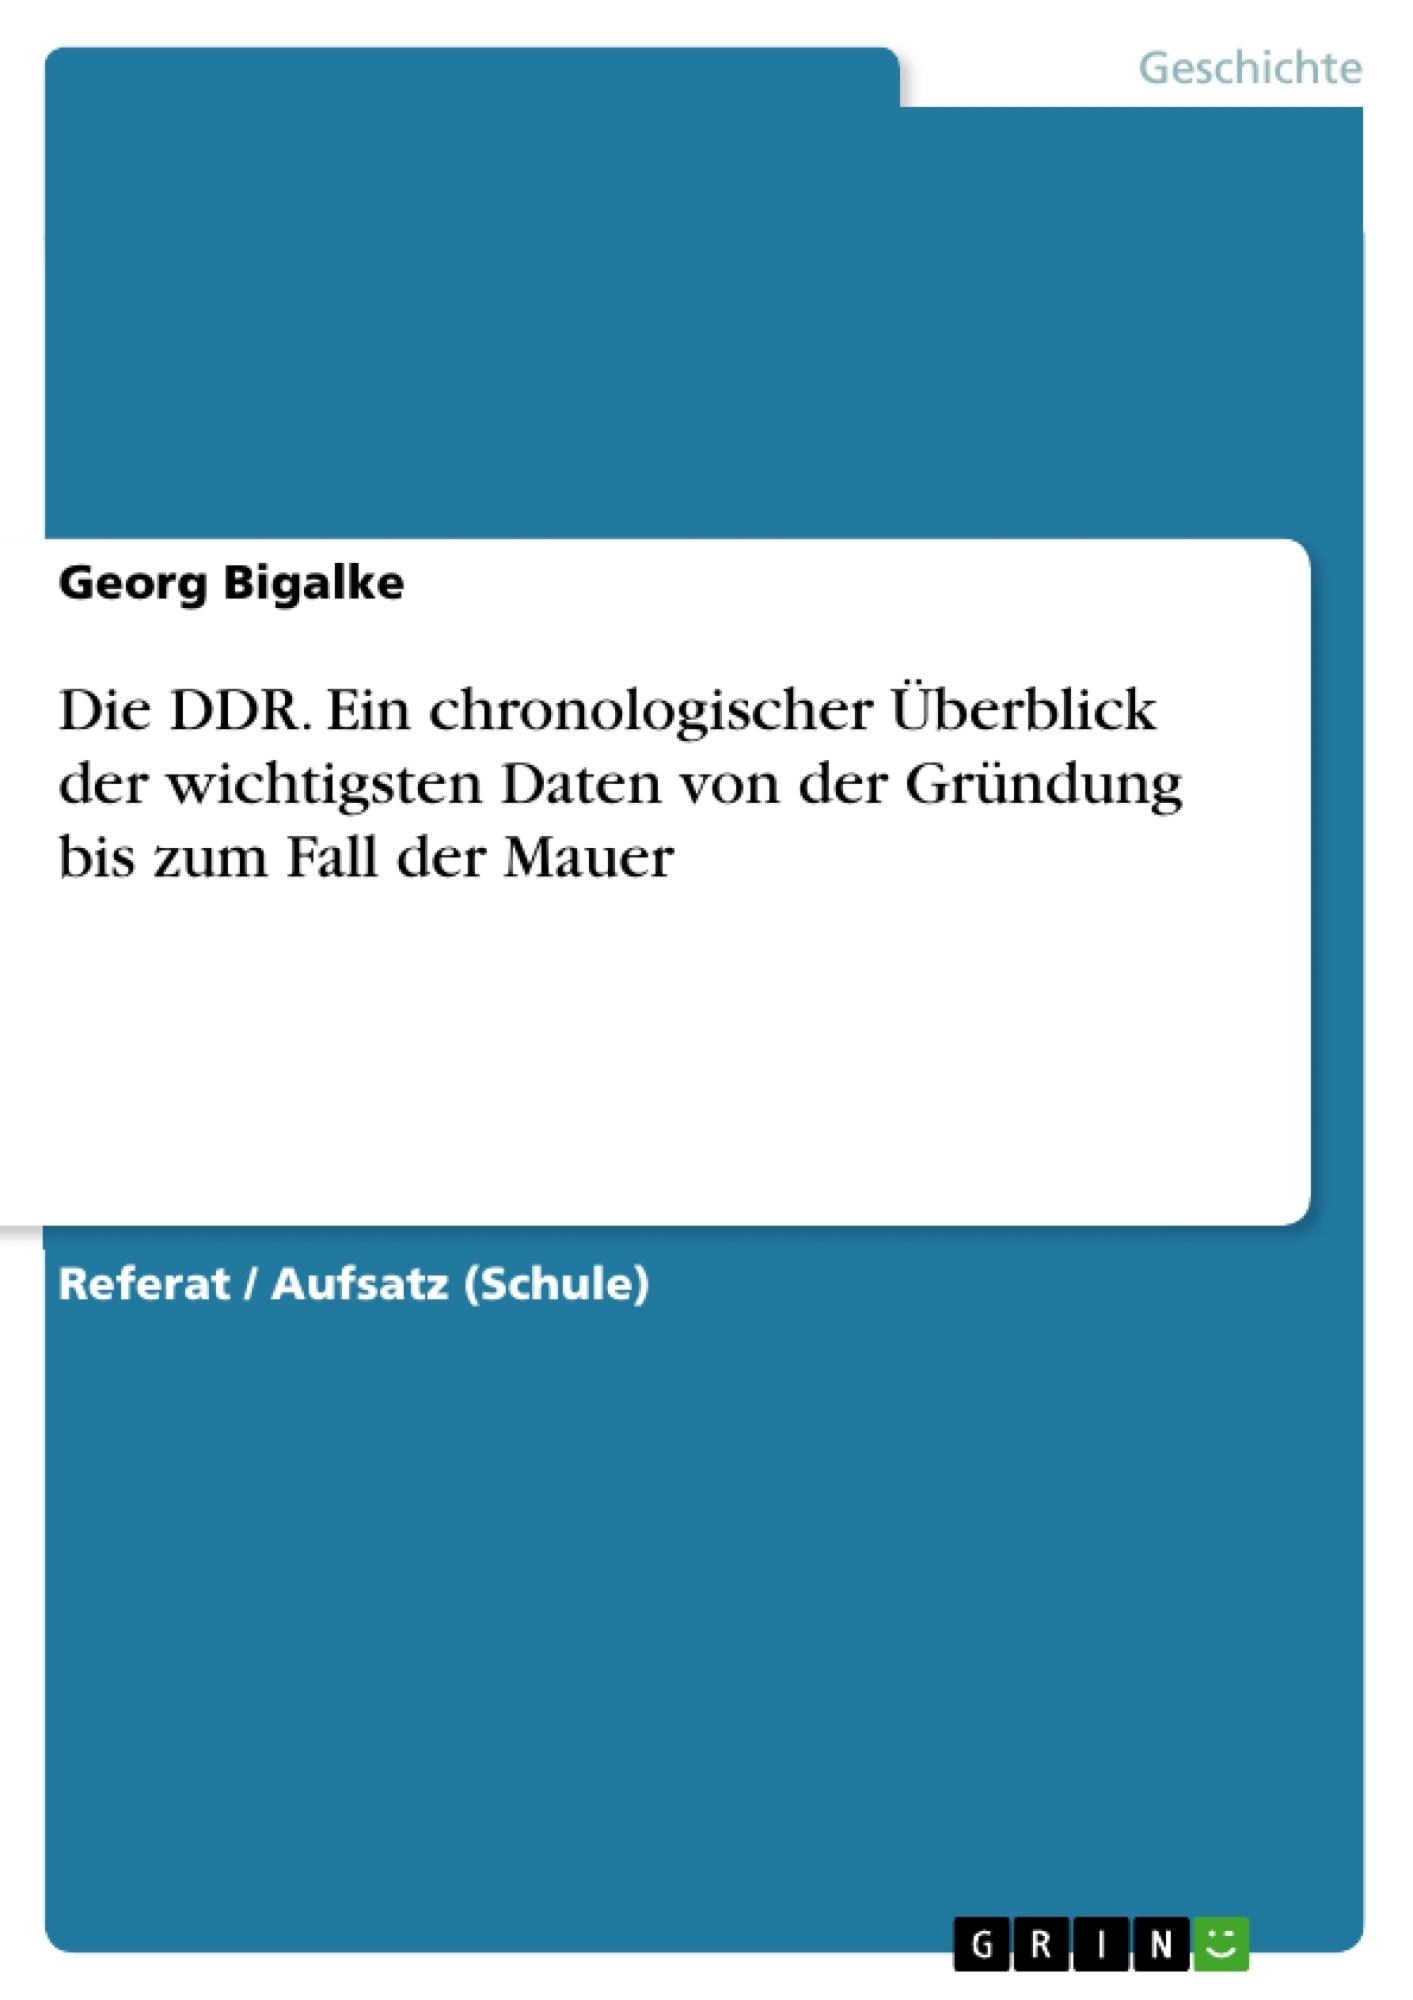 Titel: Die DDR. Ein chronologischer Überblick der wichtigsten Daten von der Gründung bis zum Fall der Mauer